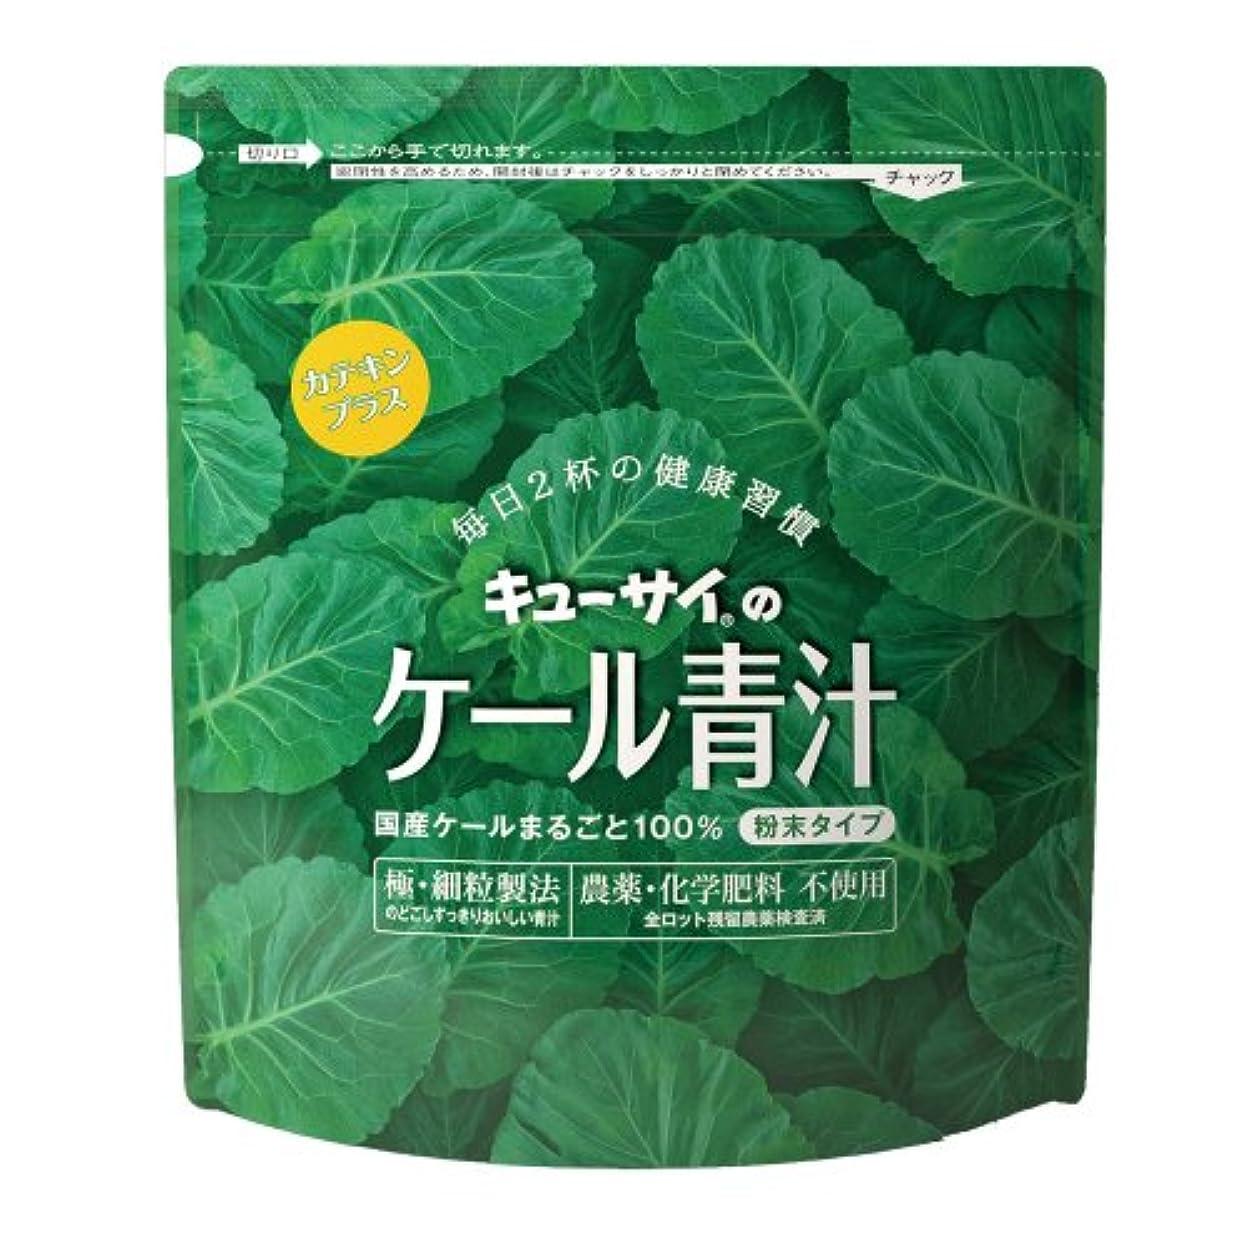 廃棄摂動承認キューサイ 青汁カテキンプラス420g(粉末タイプ)/国産ケール100%青汁にカテキン配合【1袋420g(約1カ月分)】